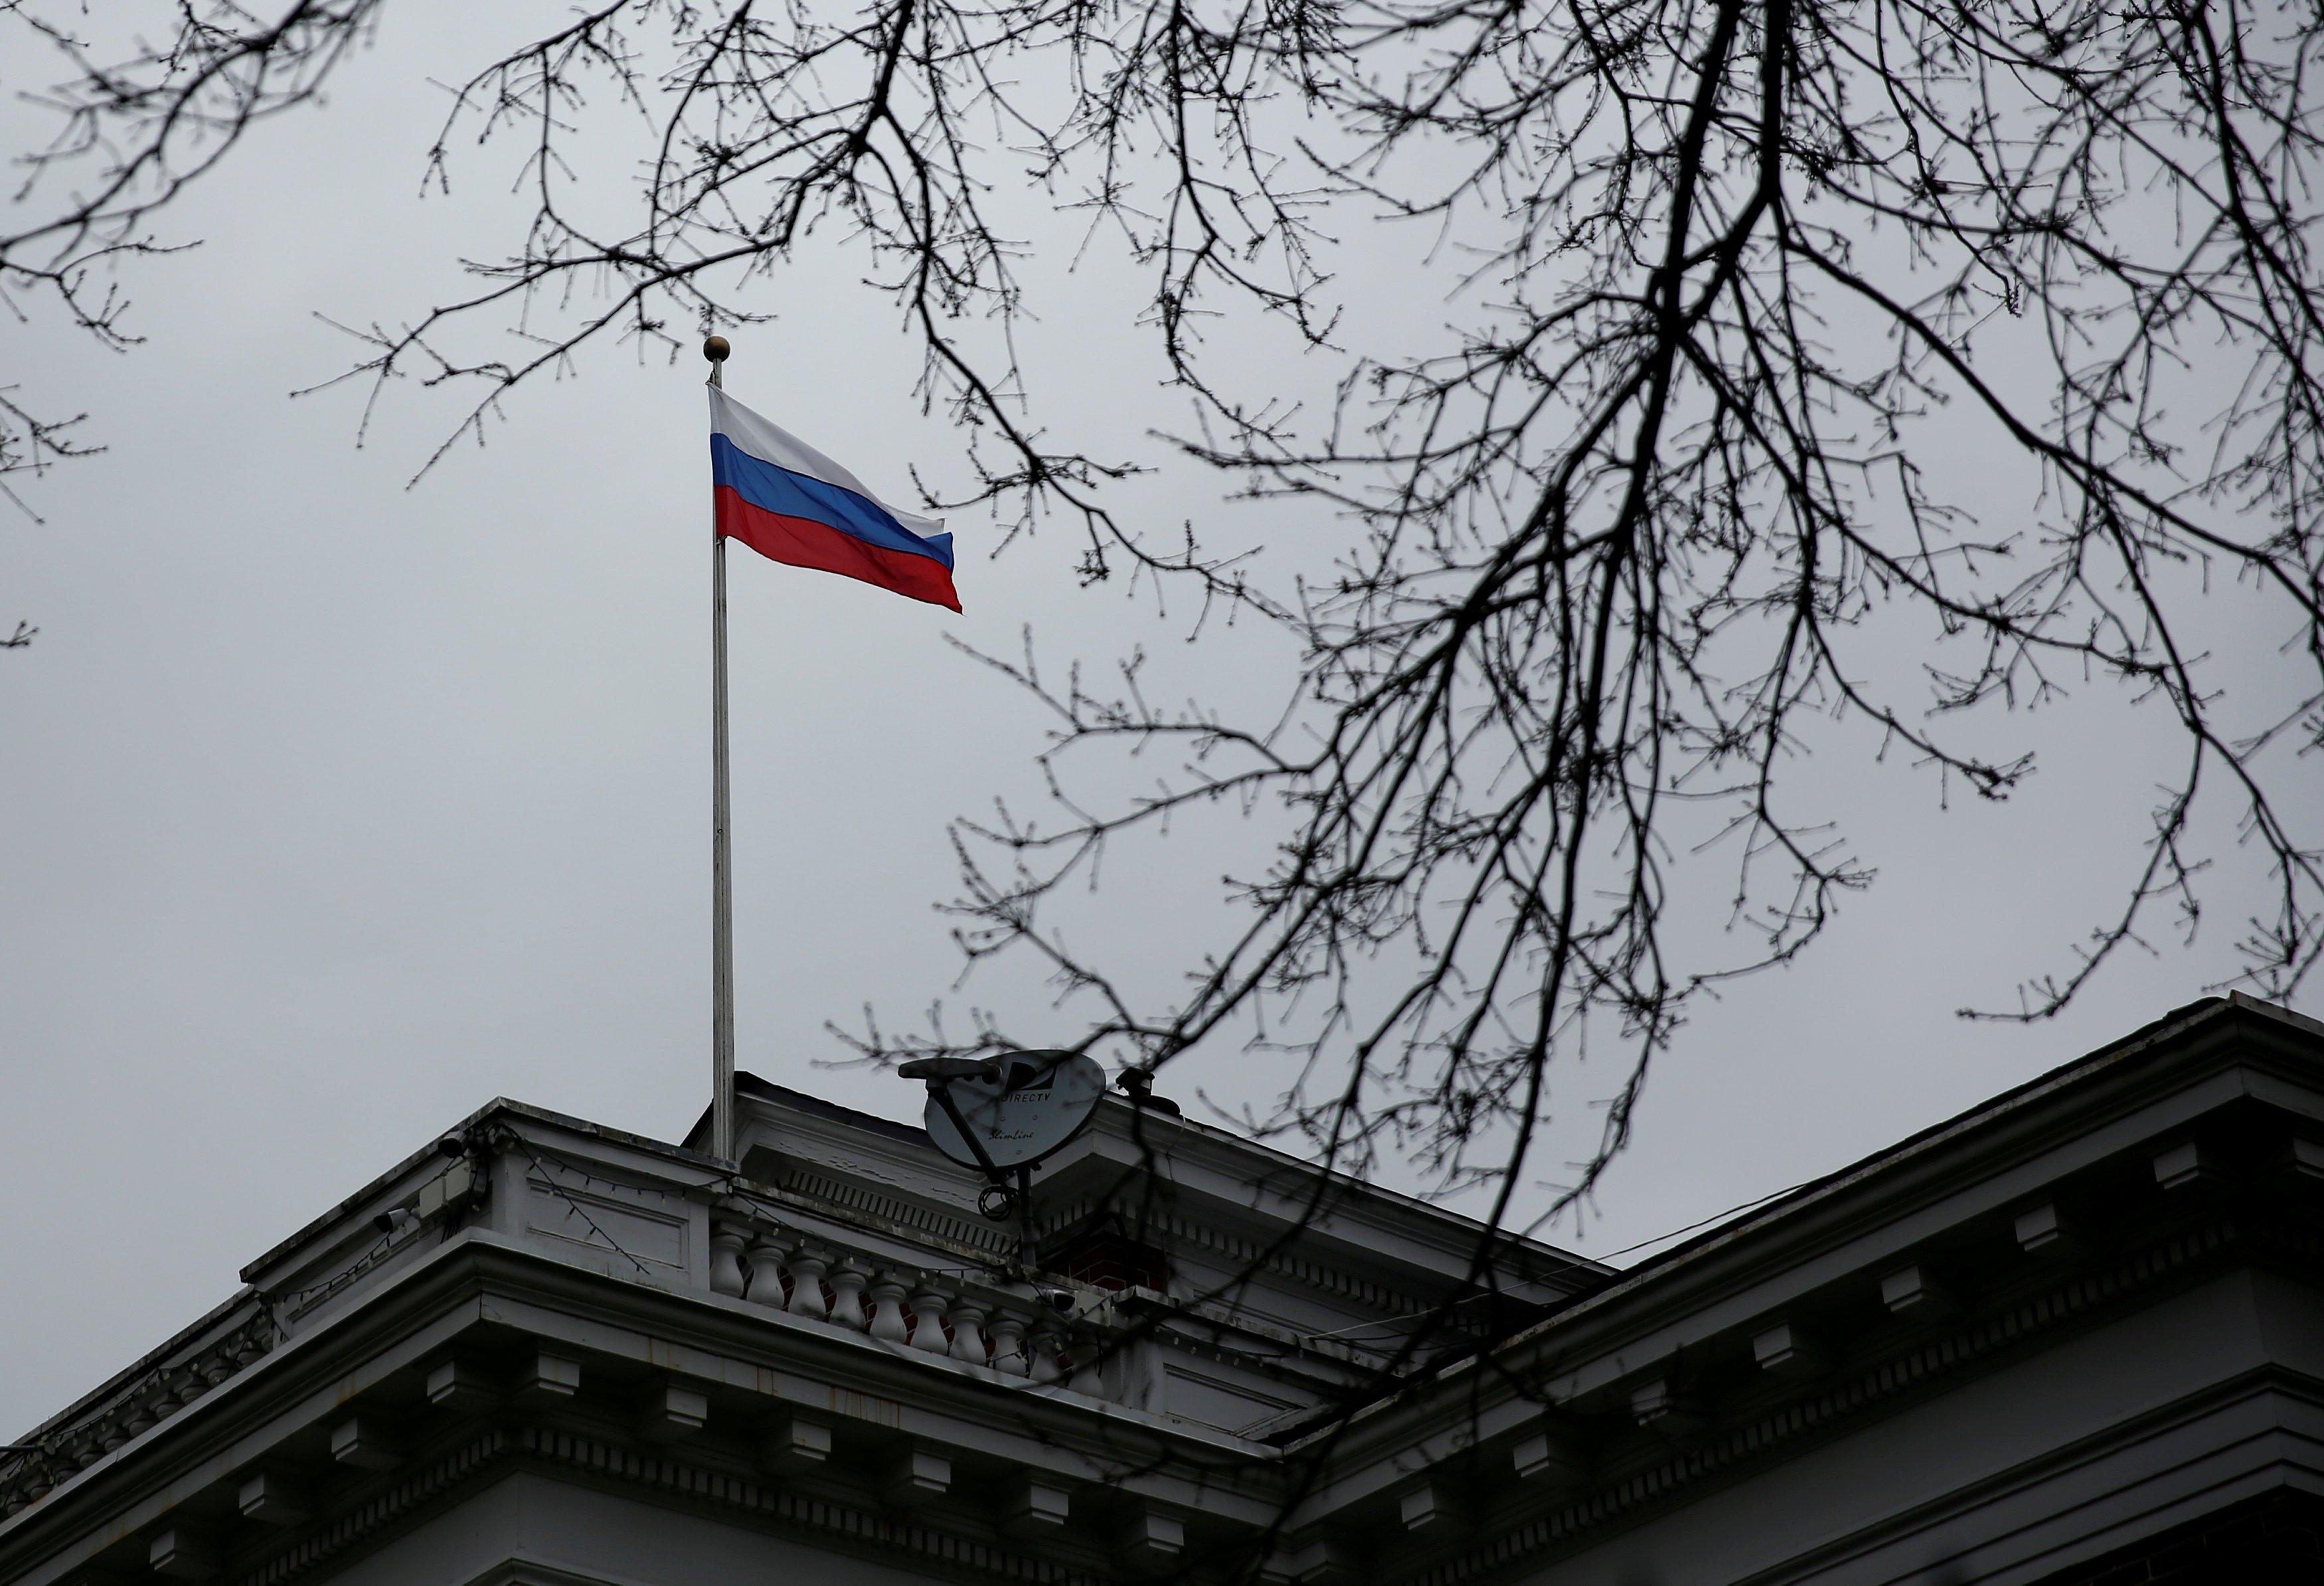 Журналист полагает, что единственный свет в конце тоннеля для РФ — смена политического курса другой властью